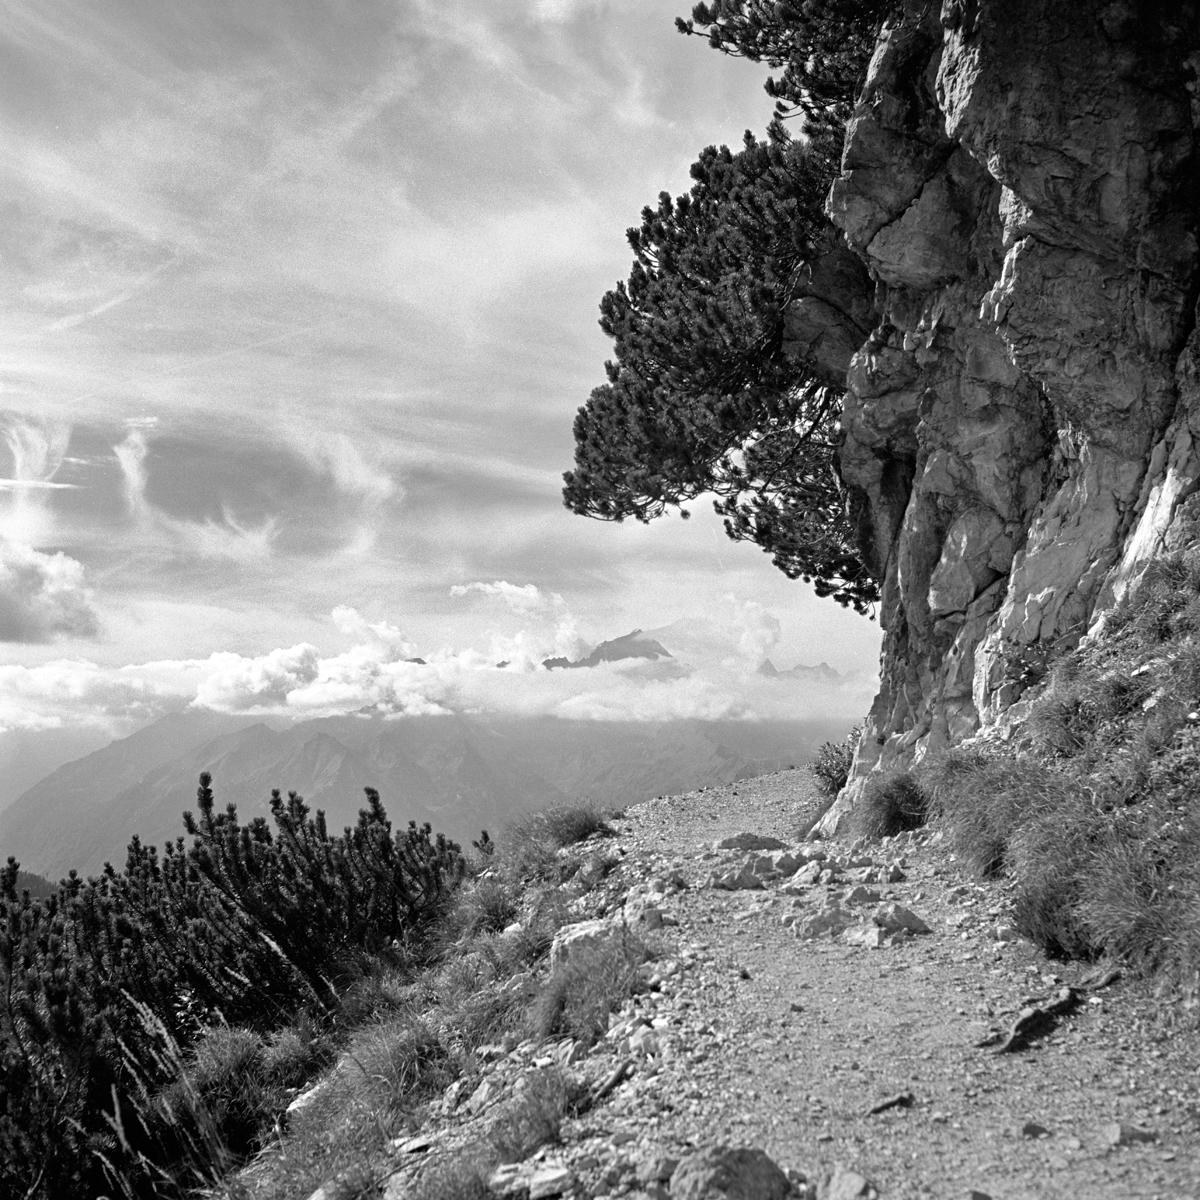 017 | Rolleiflex 3.5T | ©AlbertoBregani